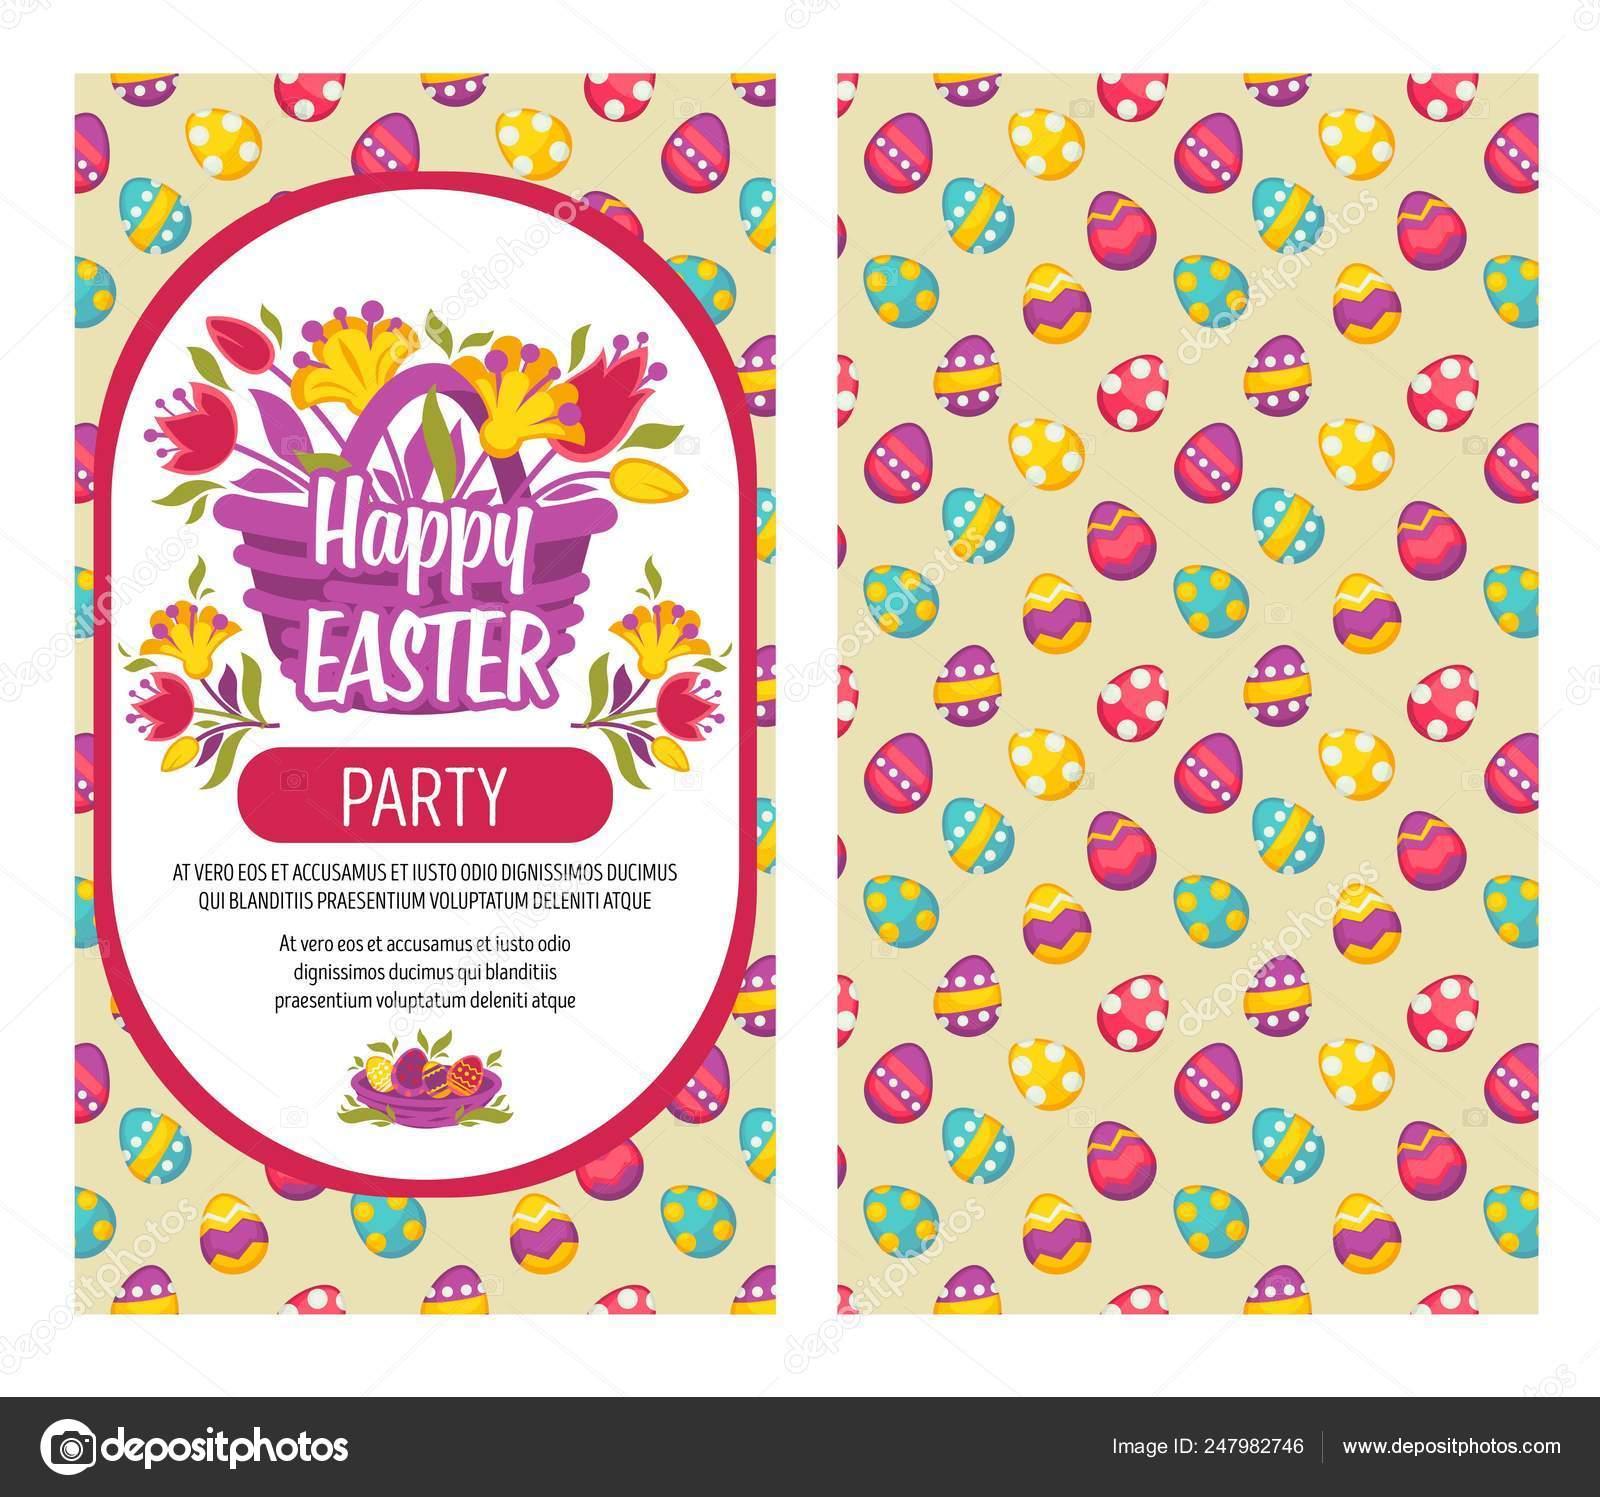 Flores Primaverales Canasta Invitación Partido Eater Patrón